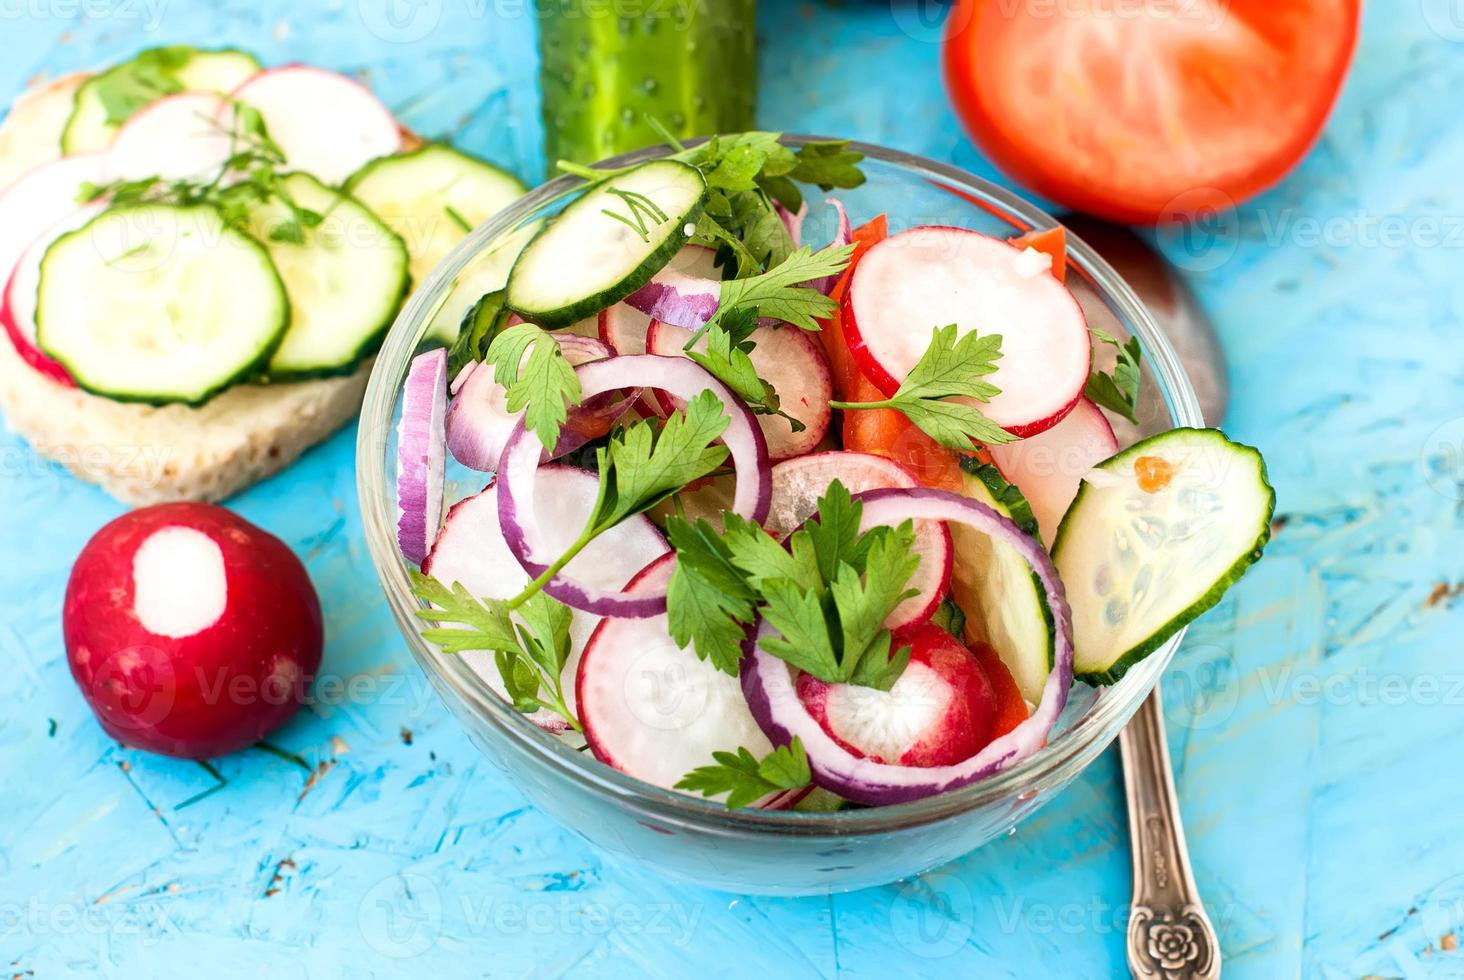 salade de printemps aux radis, concombre, chou et oignon en gros plan photo